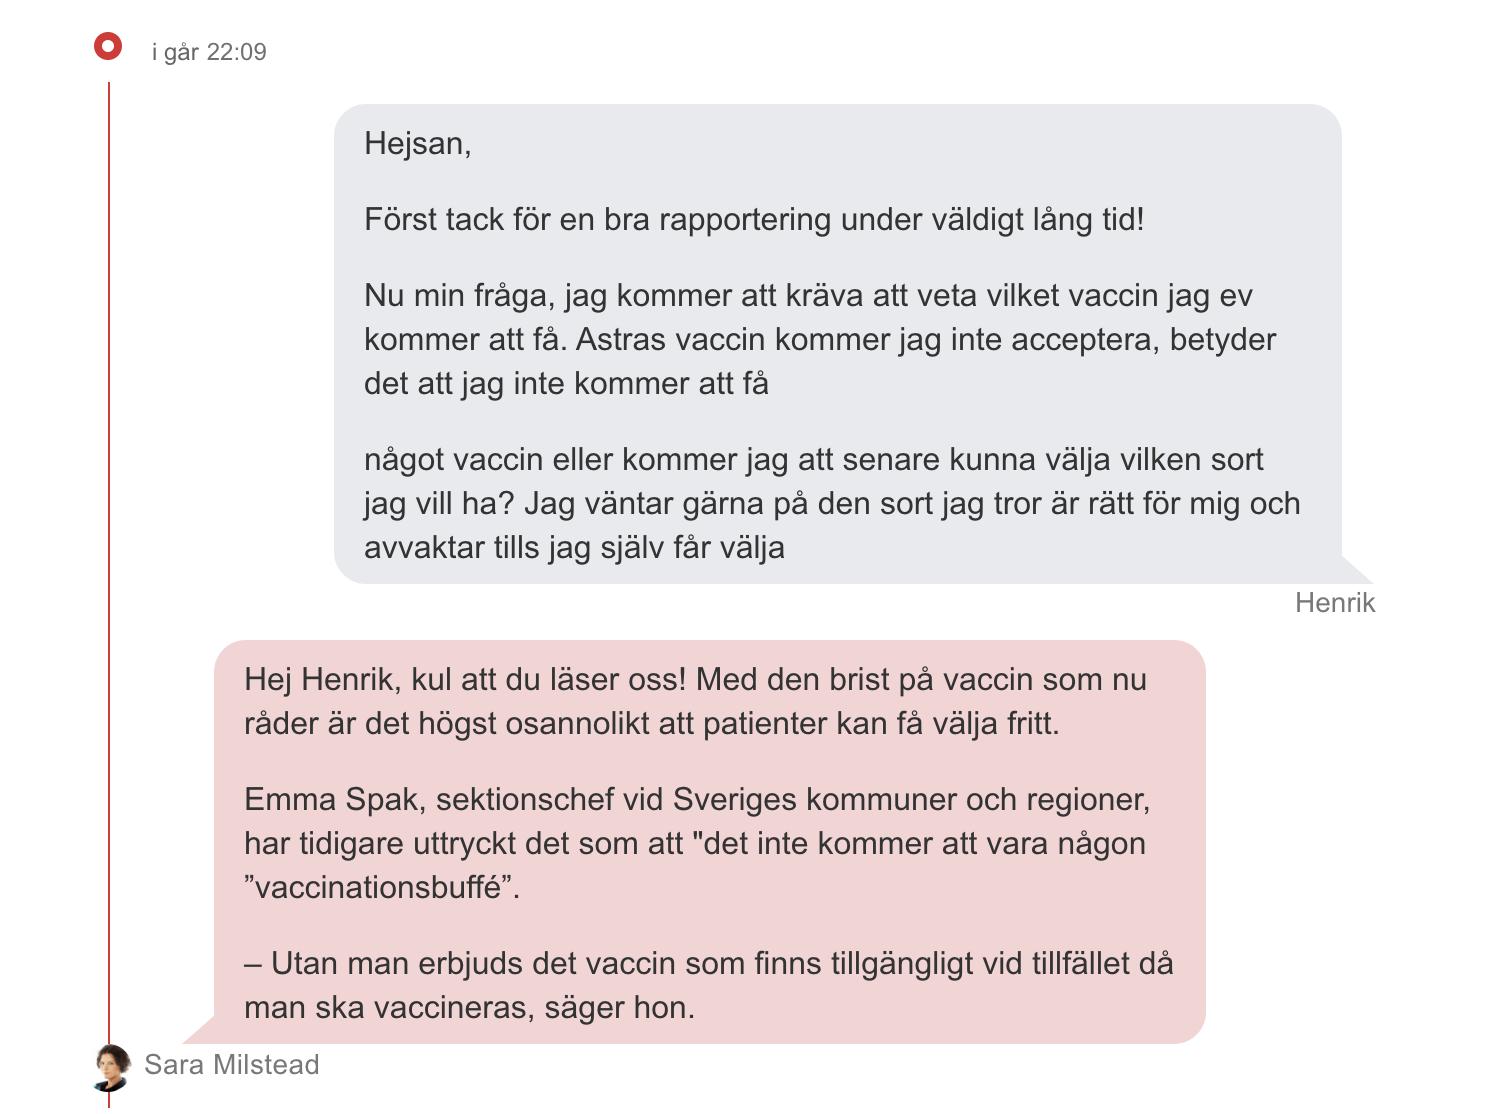 Aftonbladet Live Chat